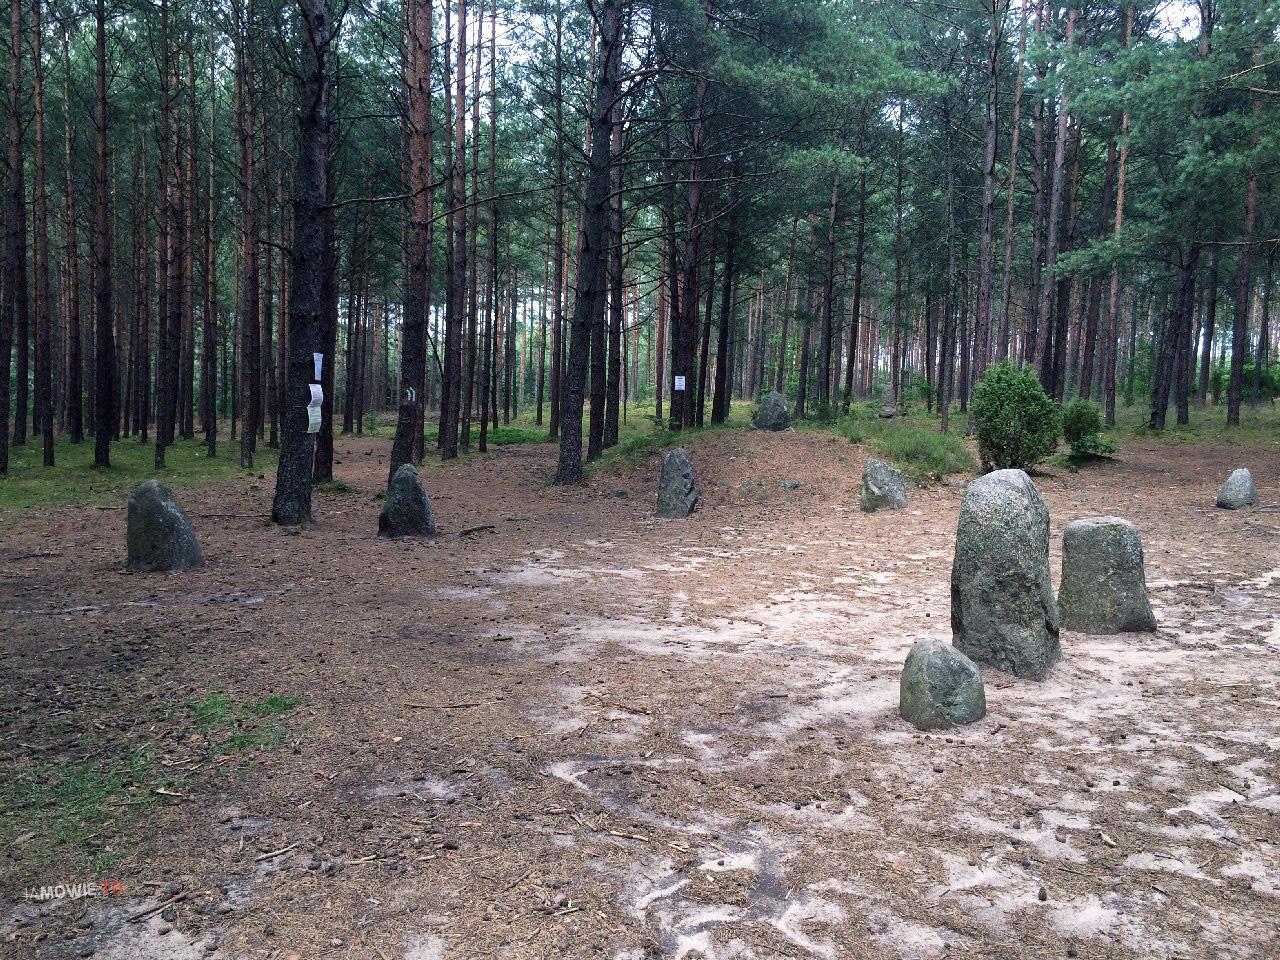 Kamienne Kręgi w Węsiorach - Ja mówię TO http://jamowie.to